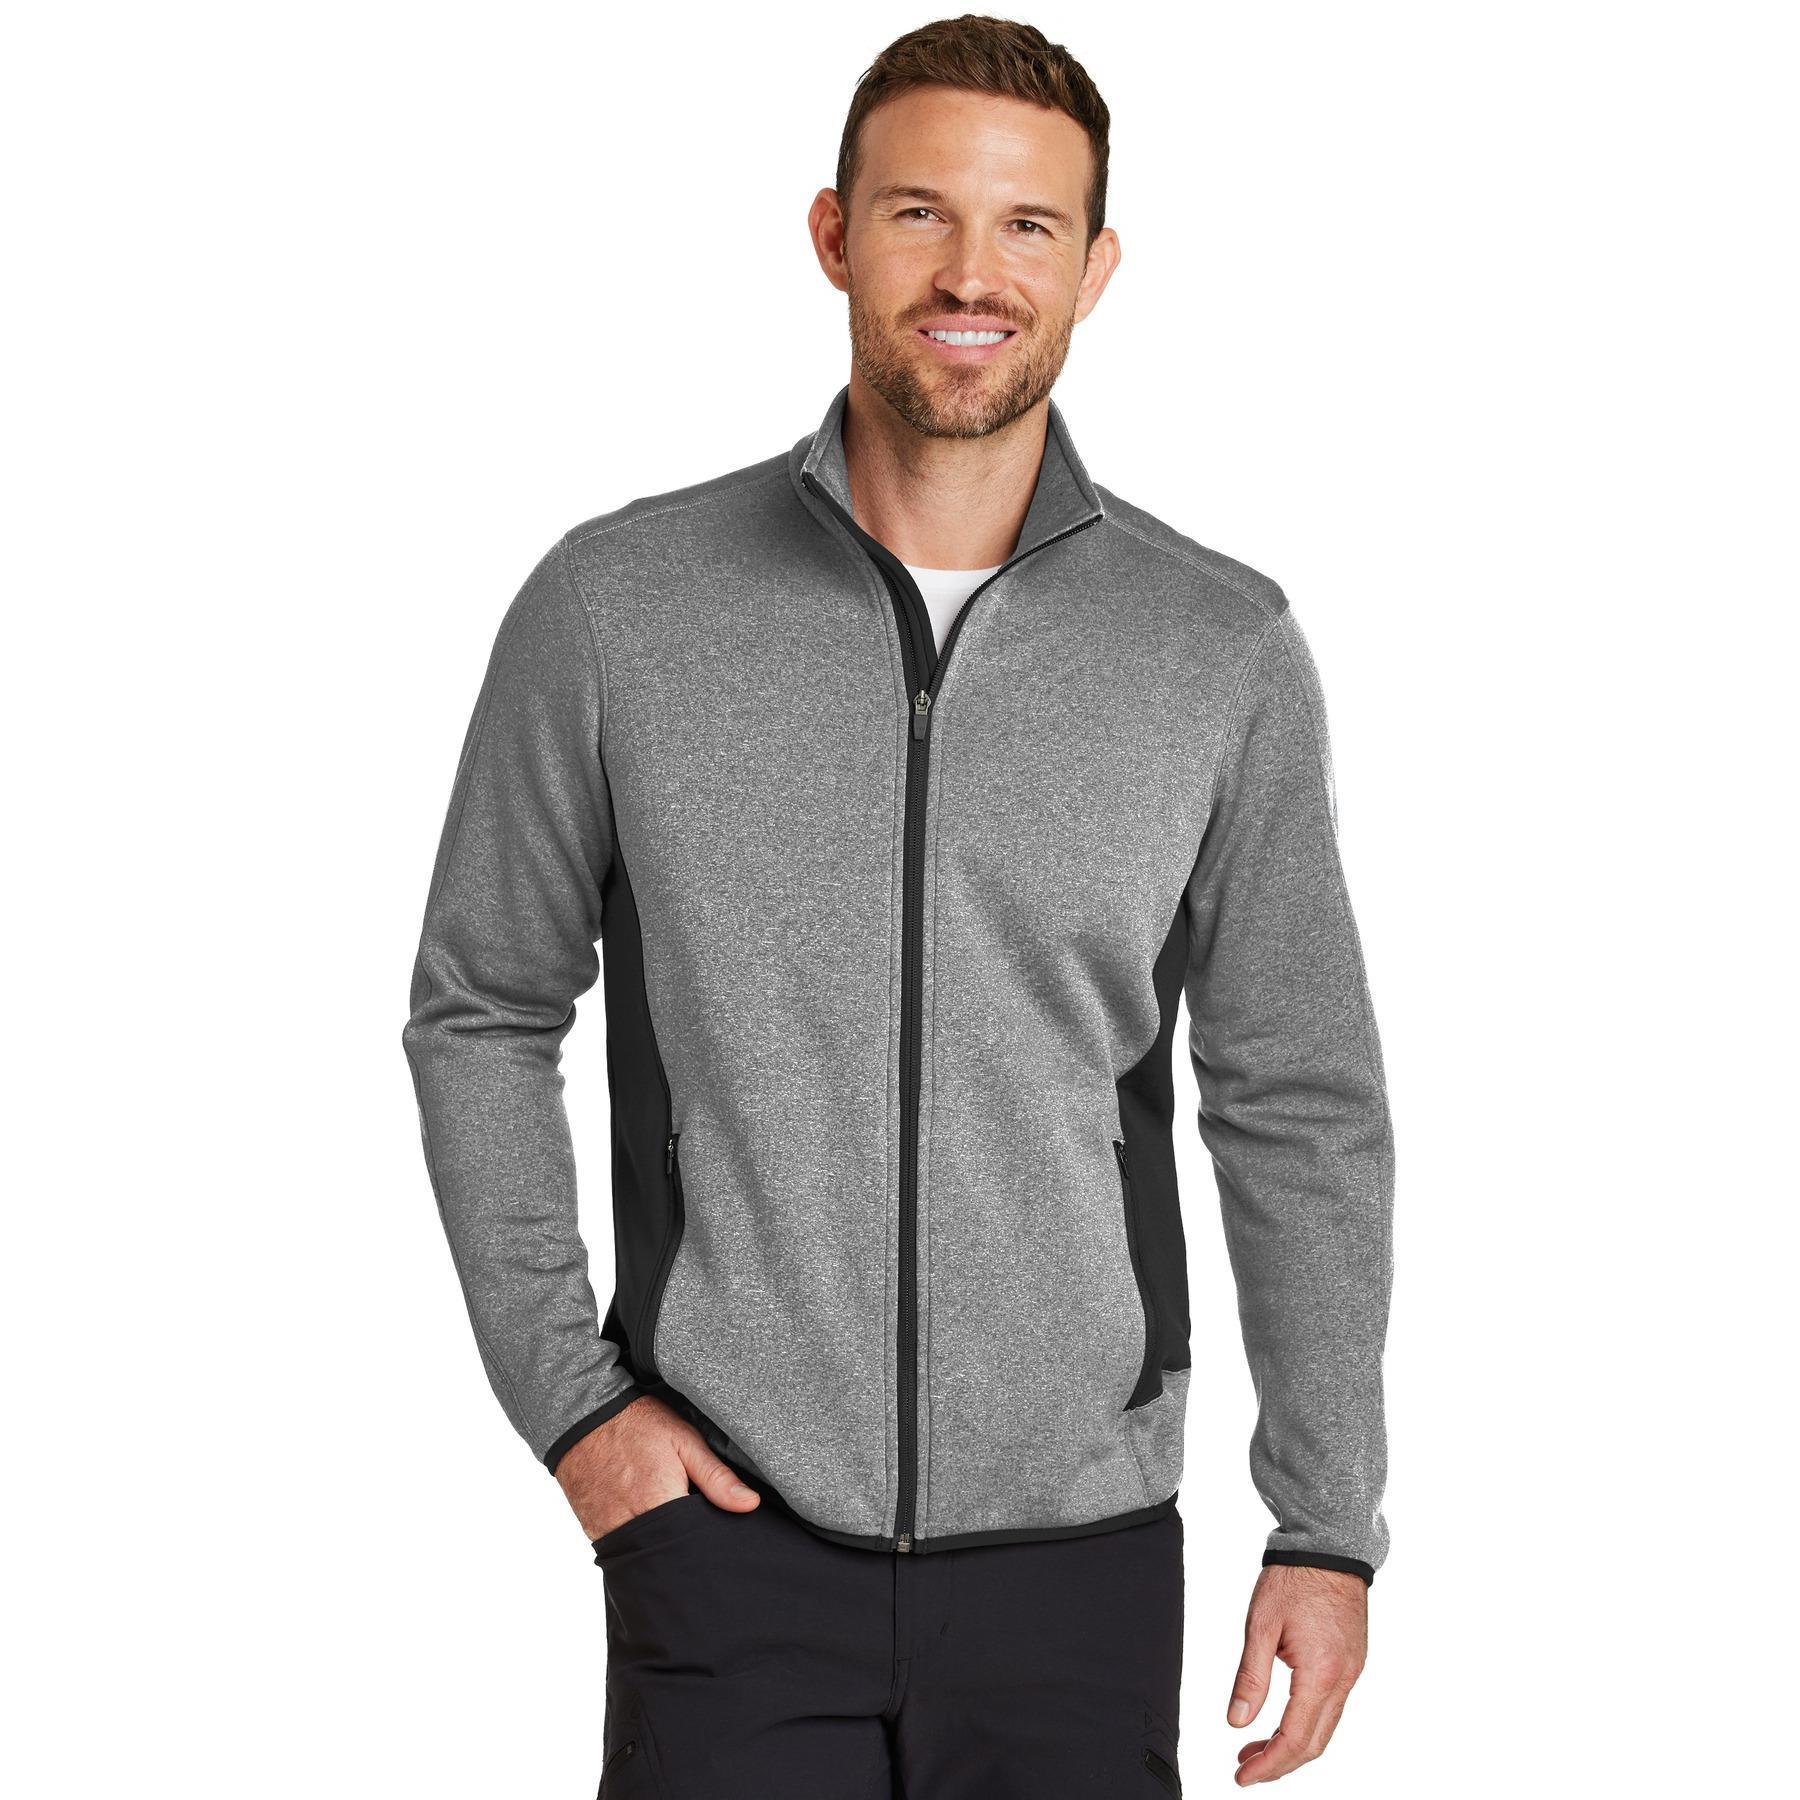 bauer eddie jacket fleece heather zip grey stretch chart fullsource eb